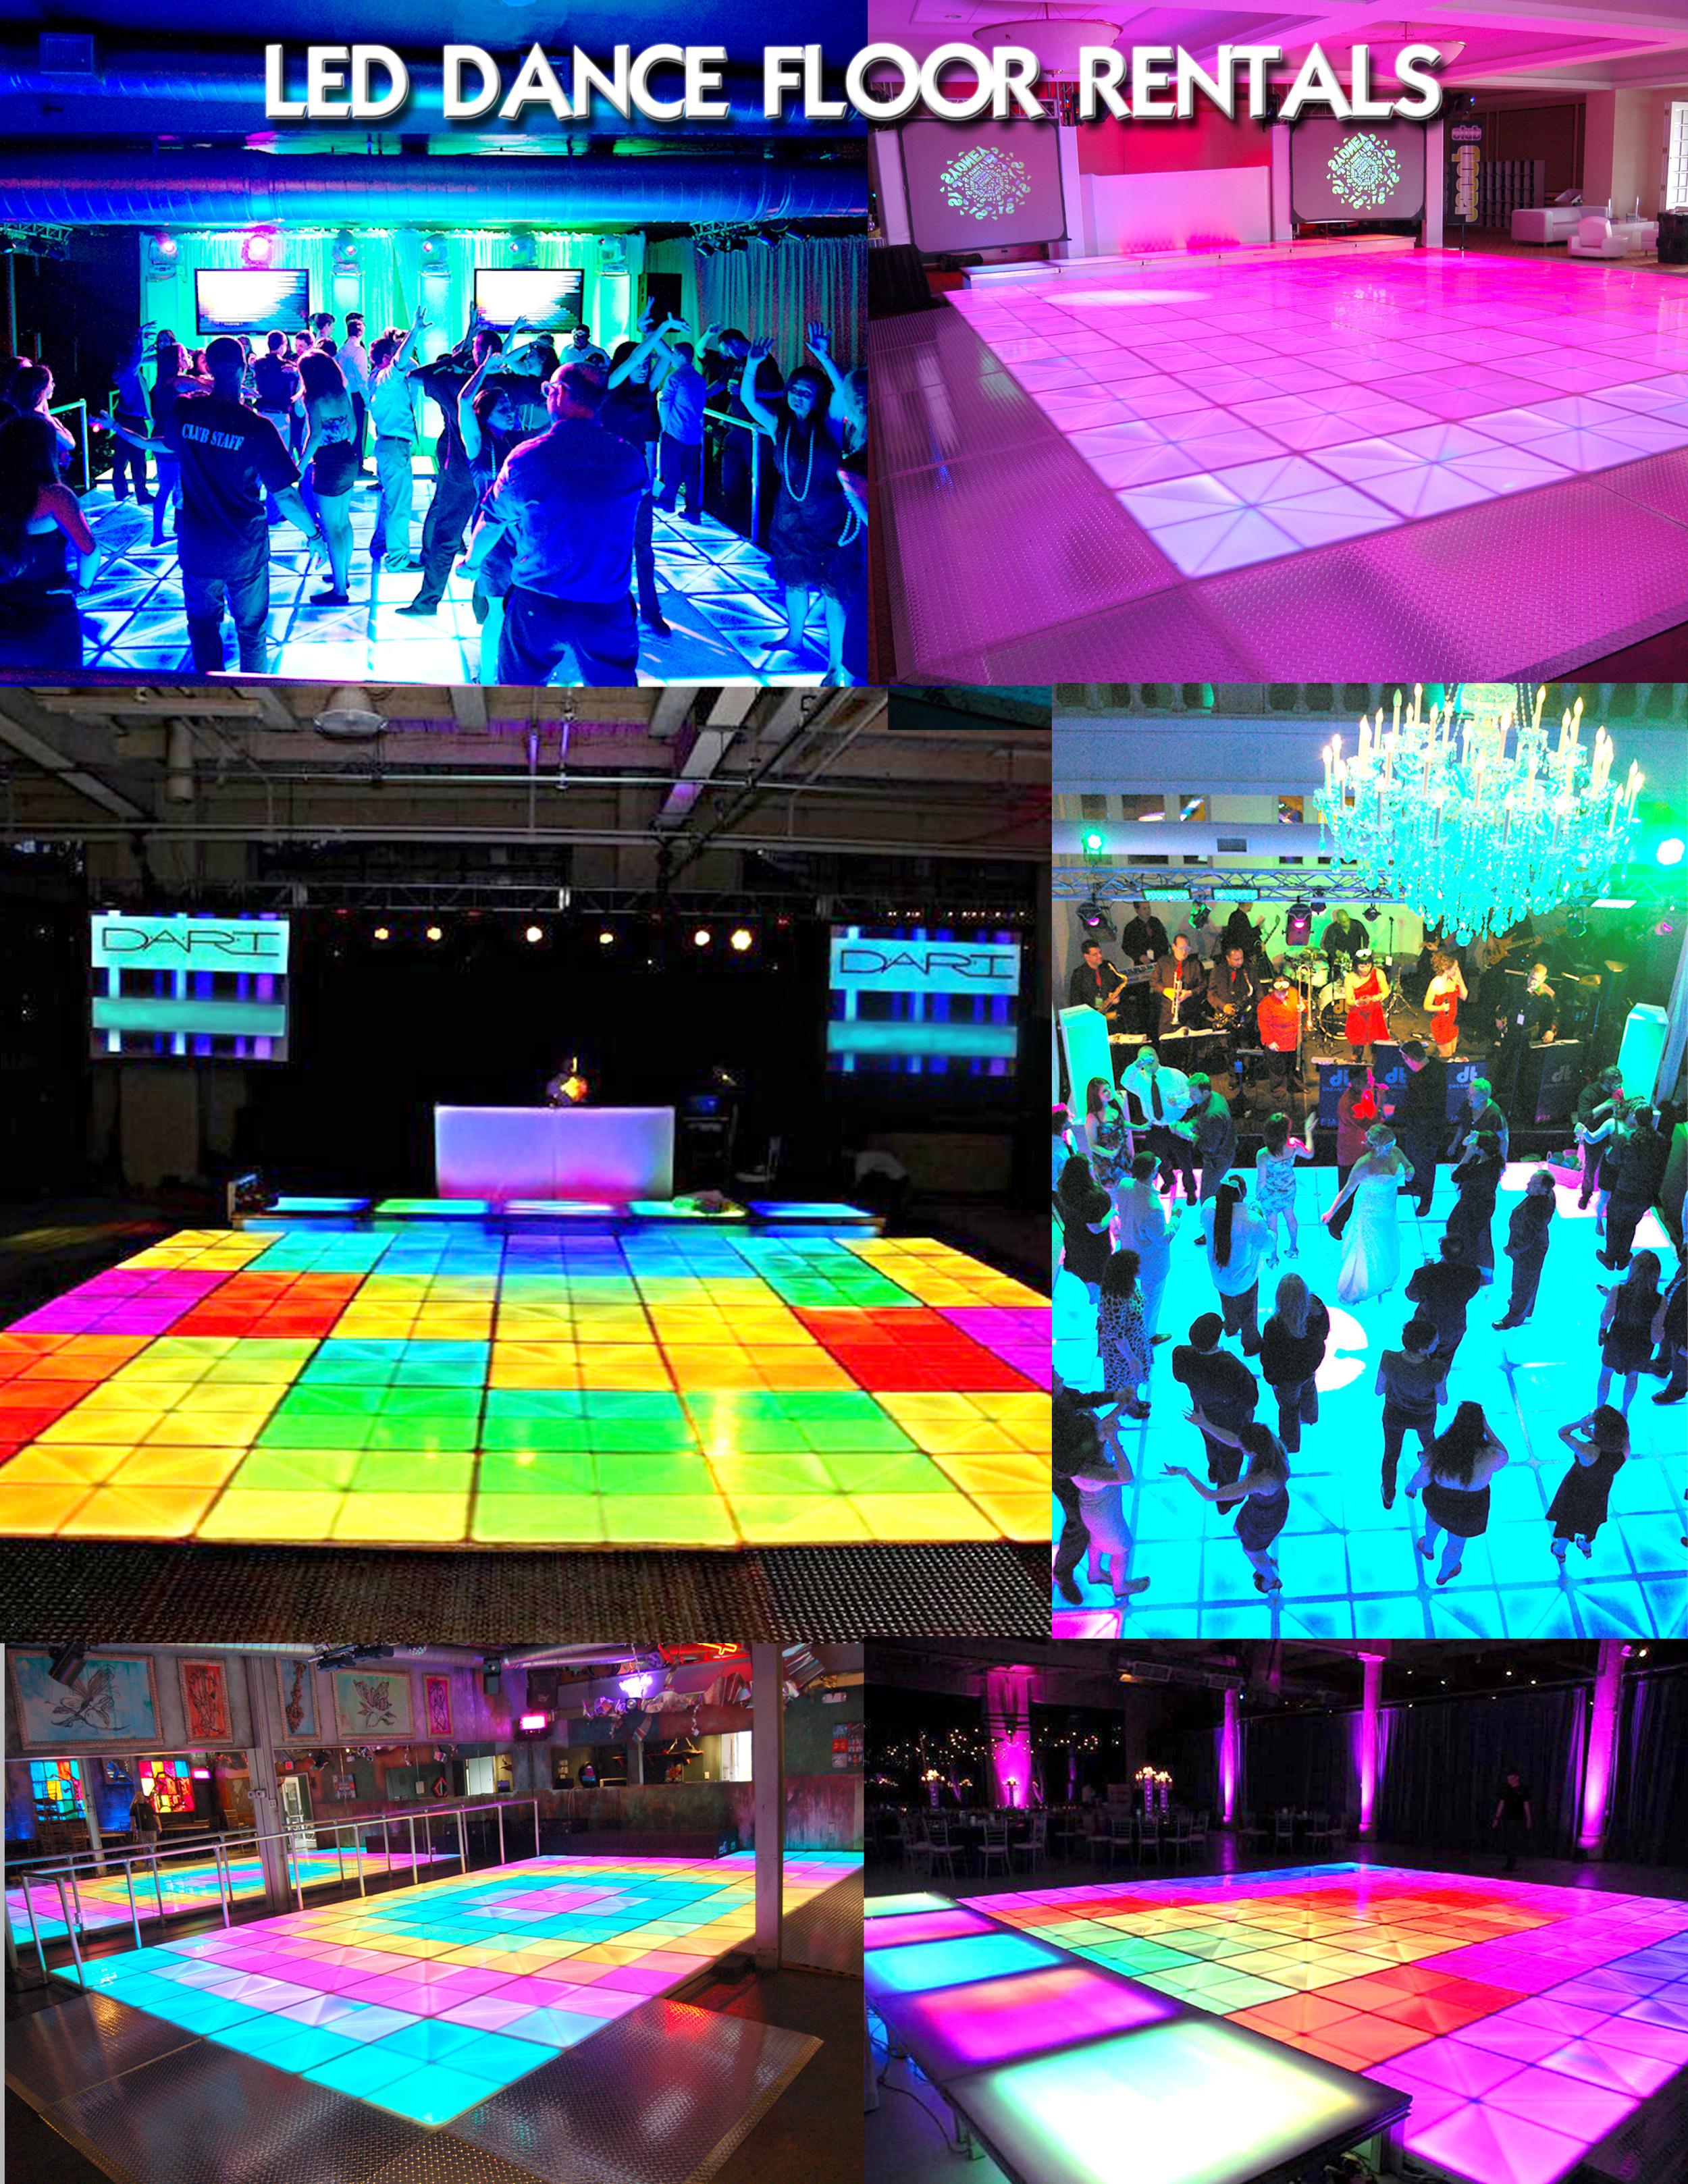 P7_LED Dance Floor Rentals.jpg